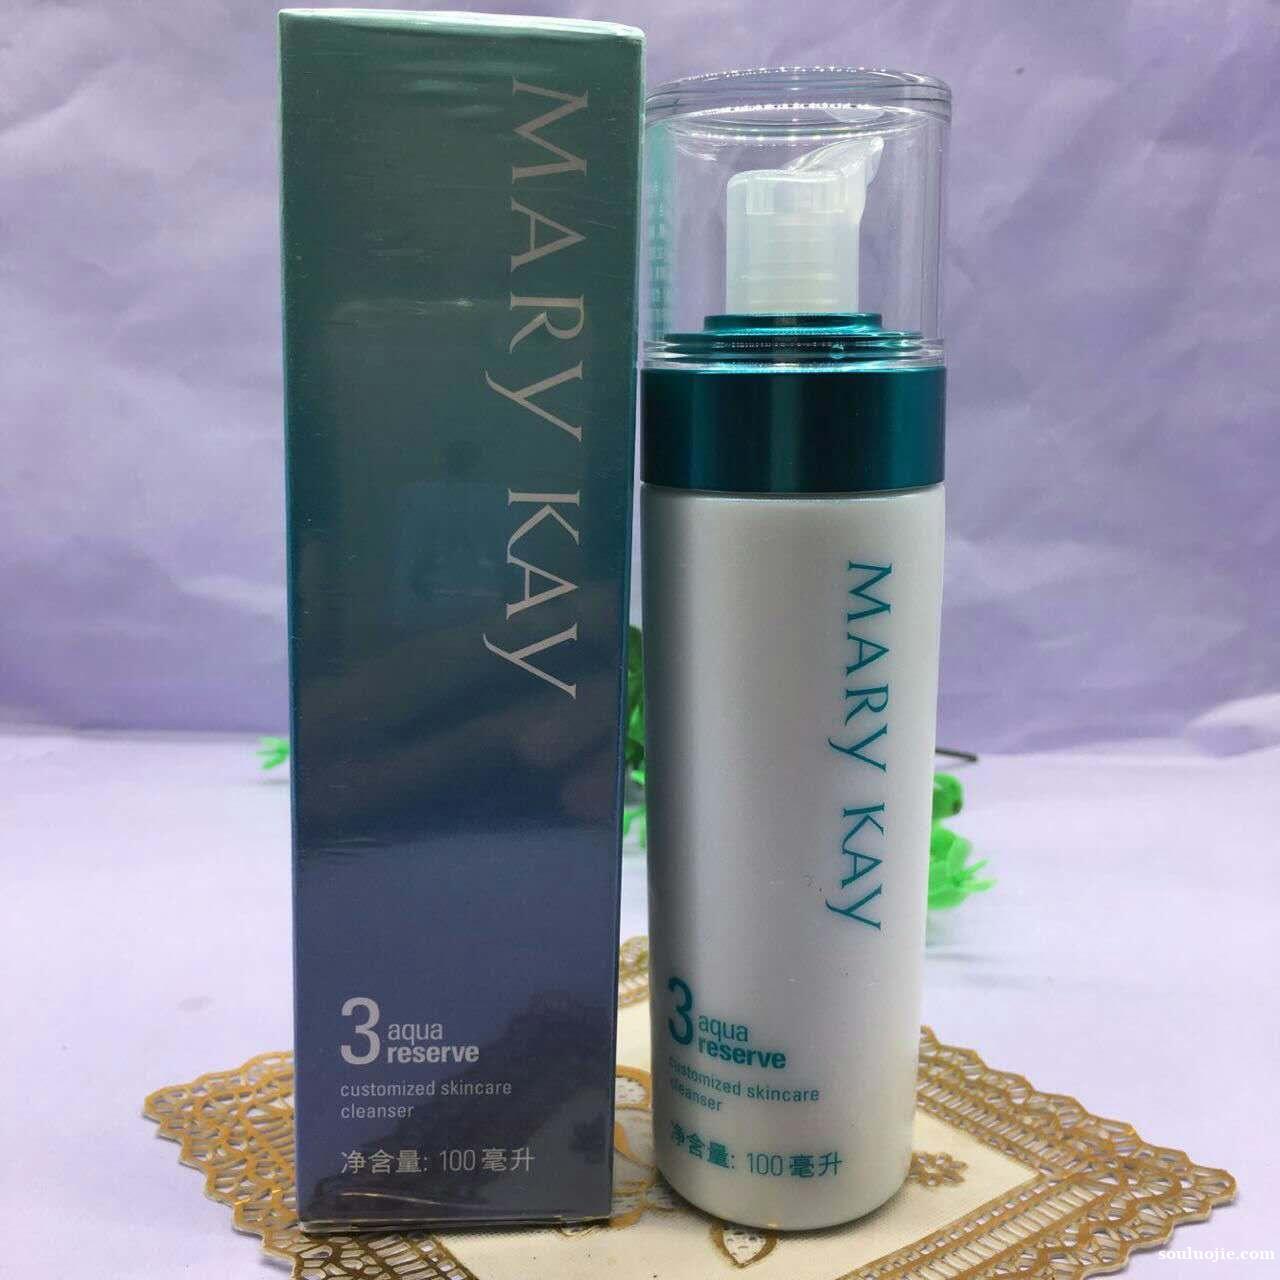 黄石市及全国收购玫琳凯化妆品服务女性回收玫琳凯业务